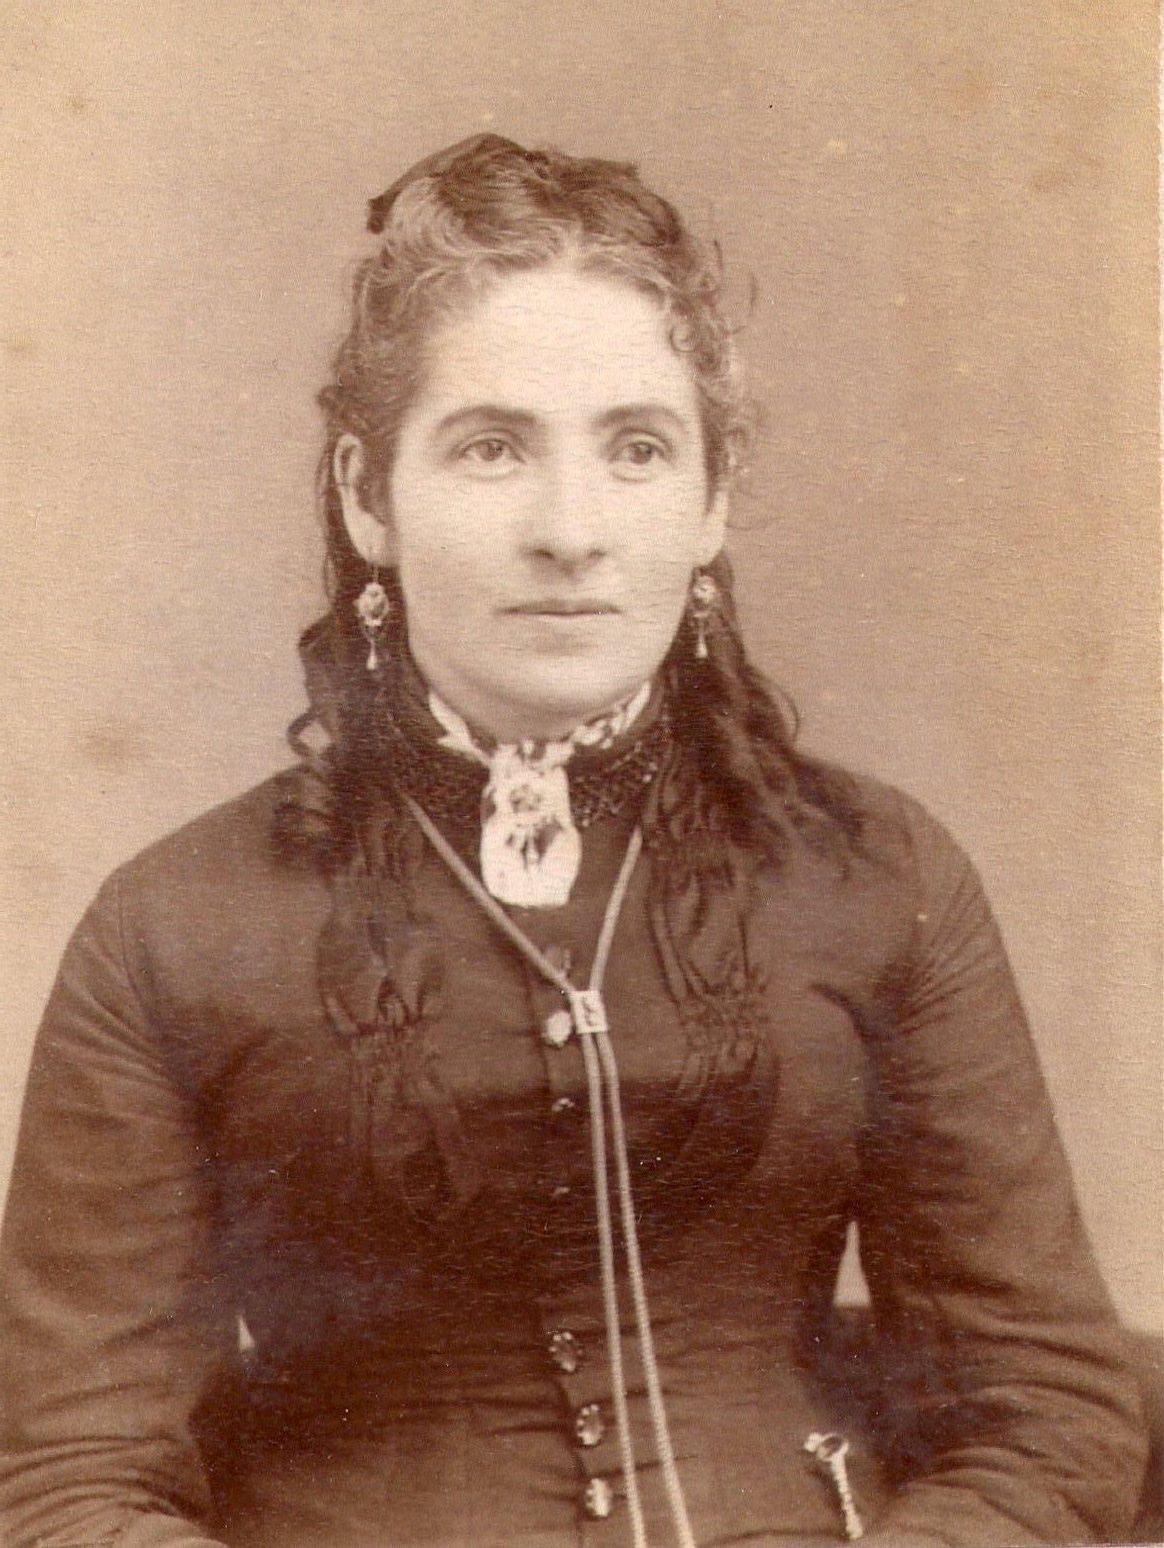 Margaret Shattuck